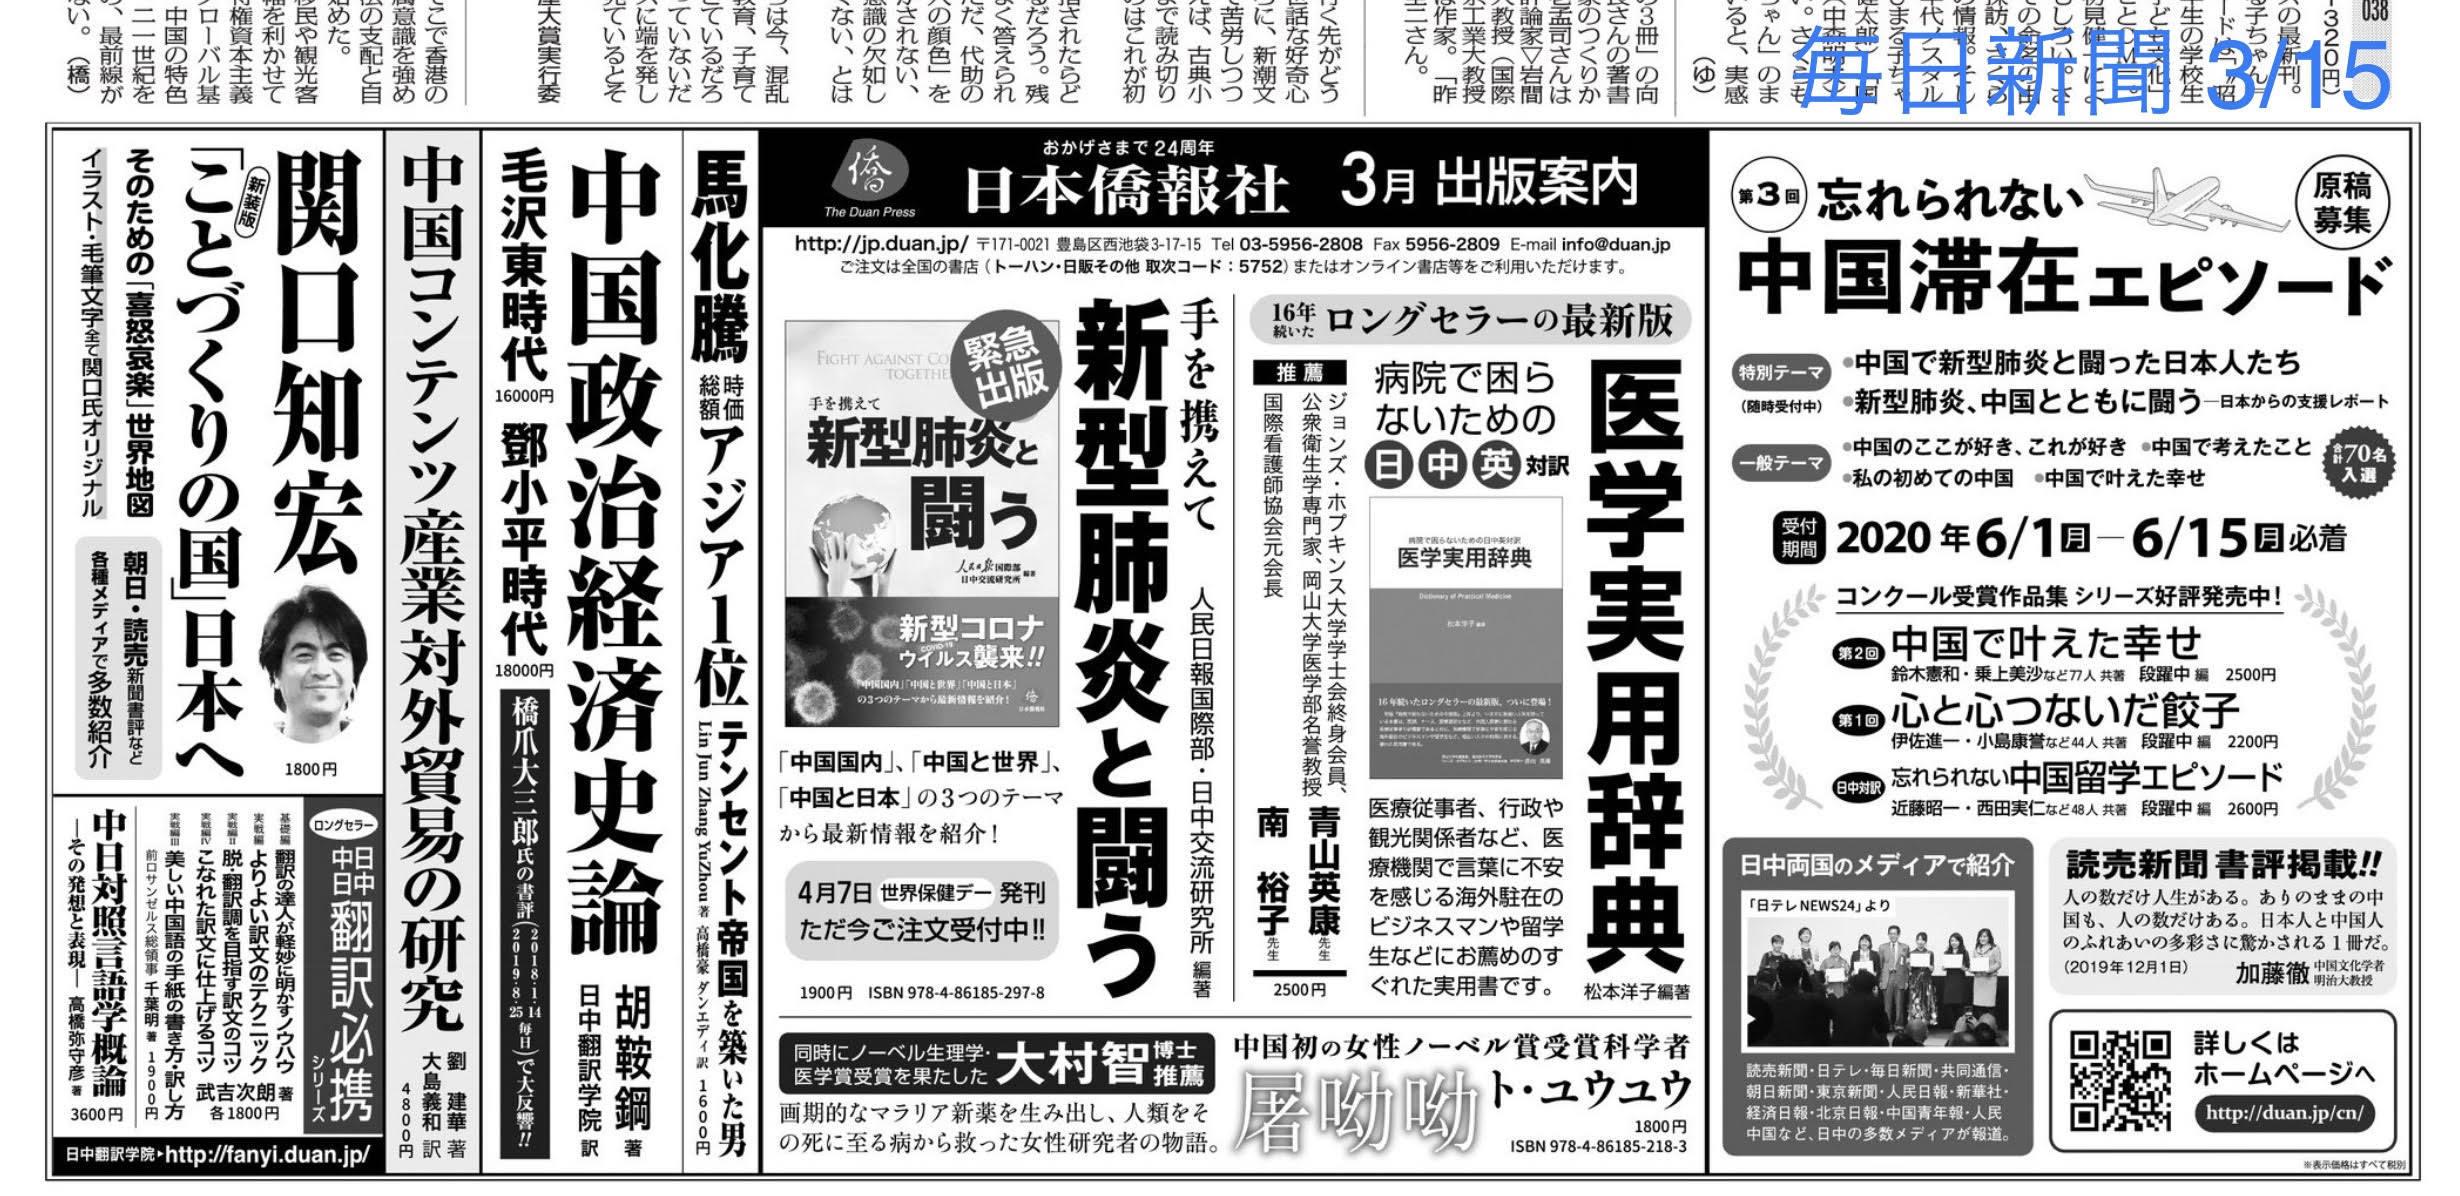 毎日新聞に全5段広告―「新型肺炎と闘う」など新刊を紹介_d0027795_12401543.jpg